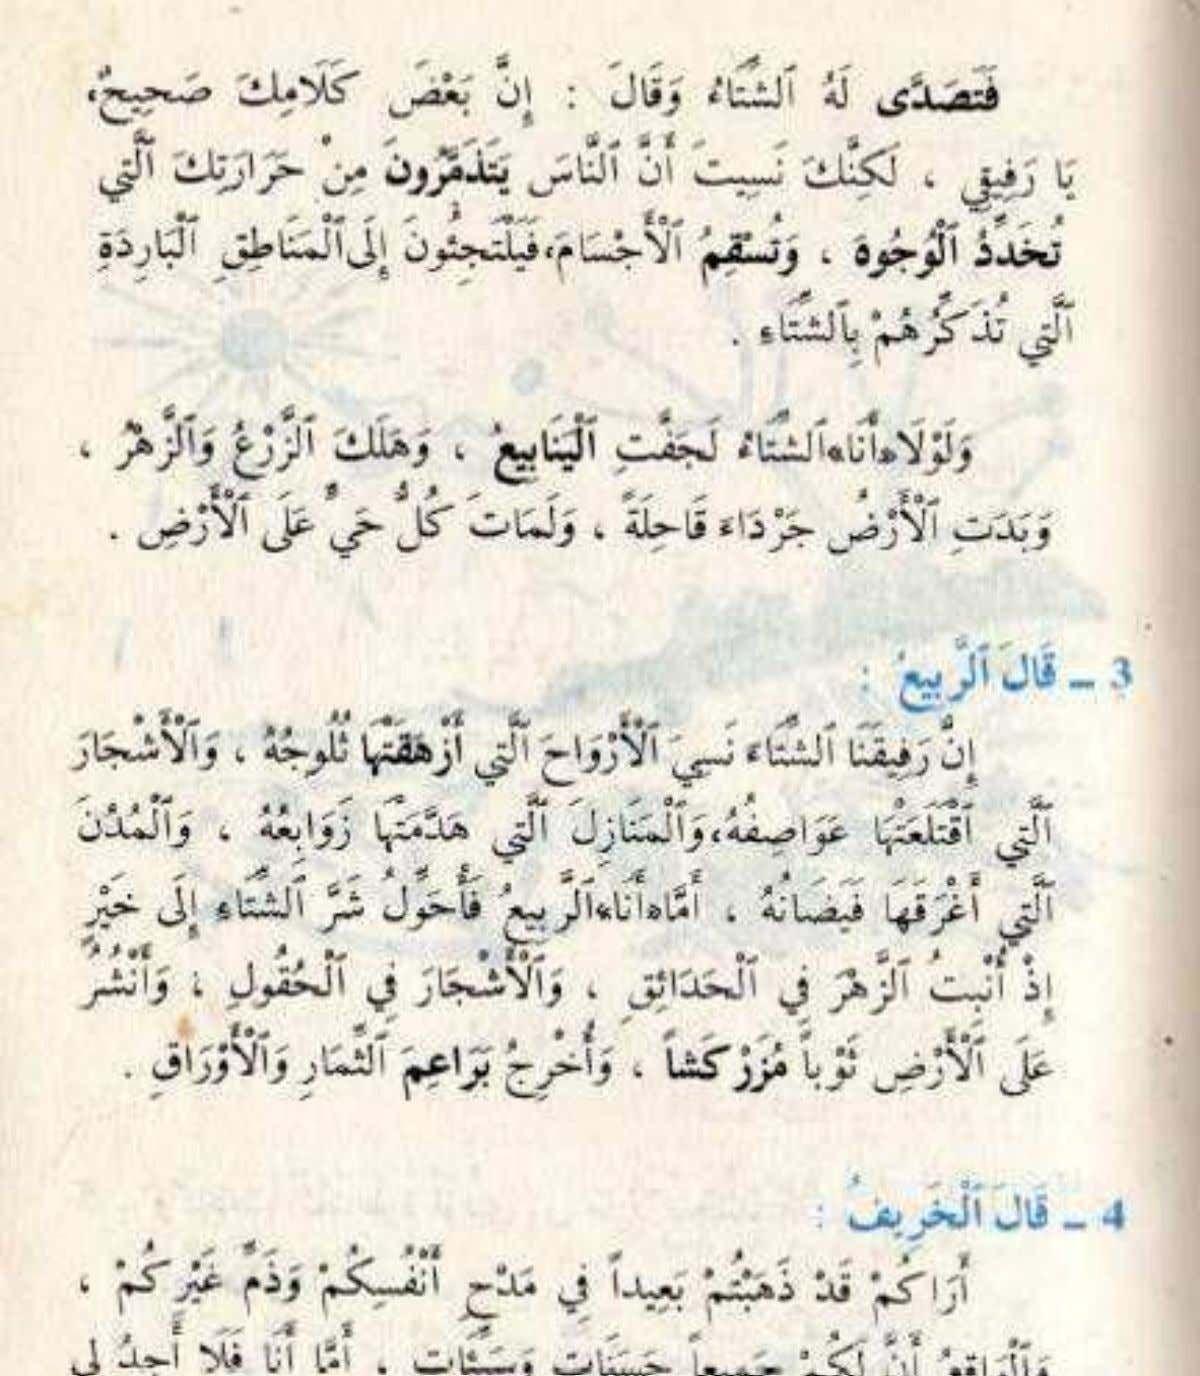 كتاب السنة الخامسة أساسي الجزائر الثمانينات و التسعينات Download Books Free Ebooks Download Books Books